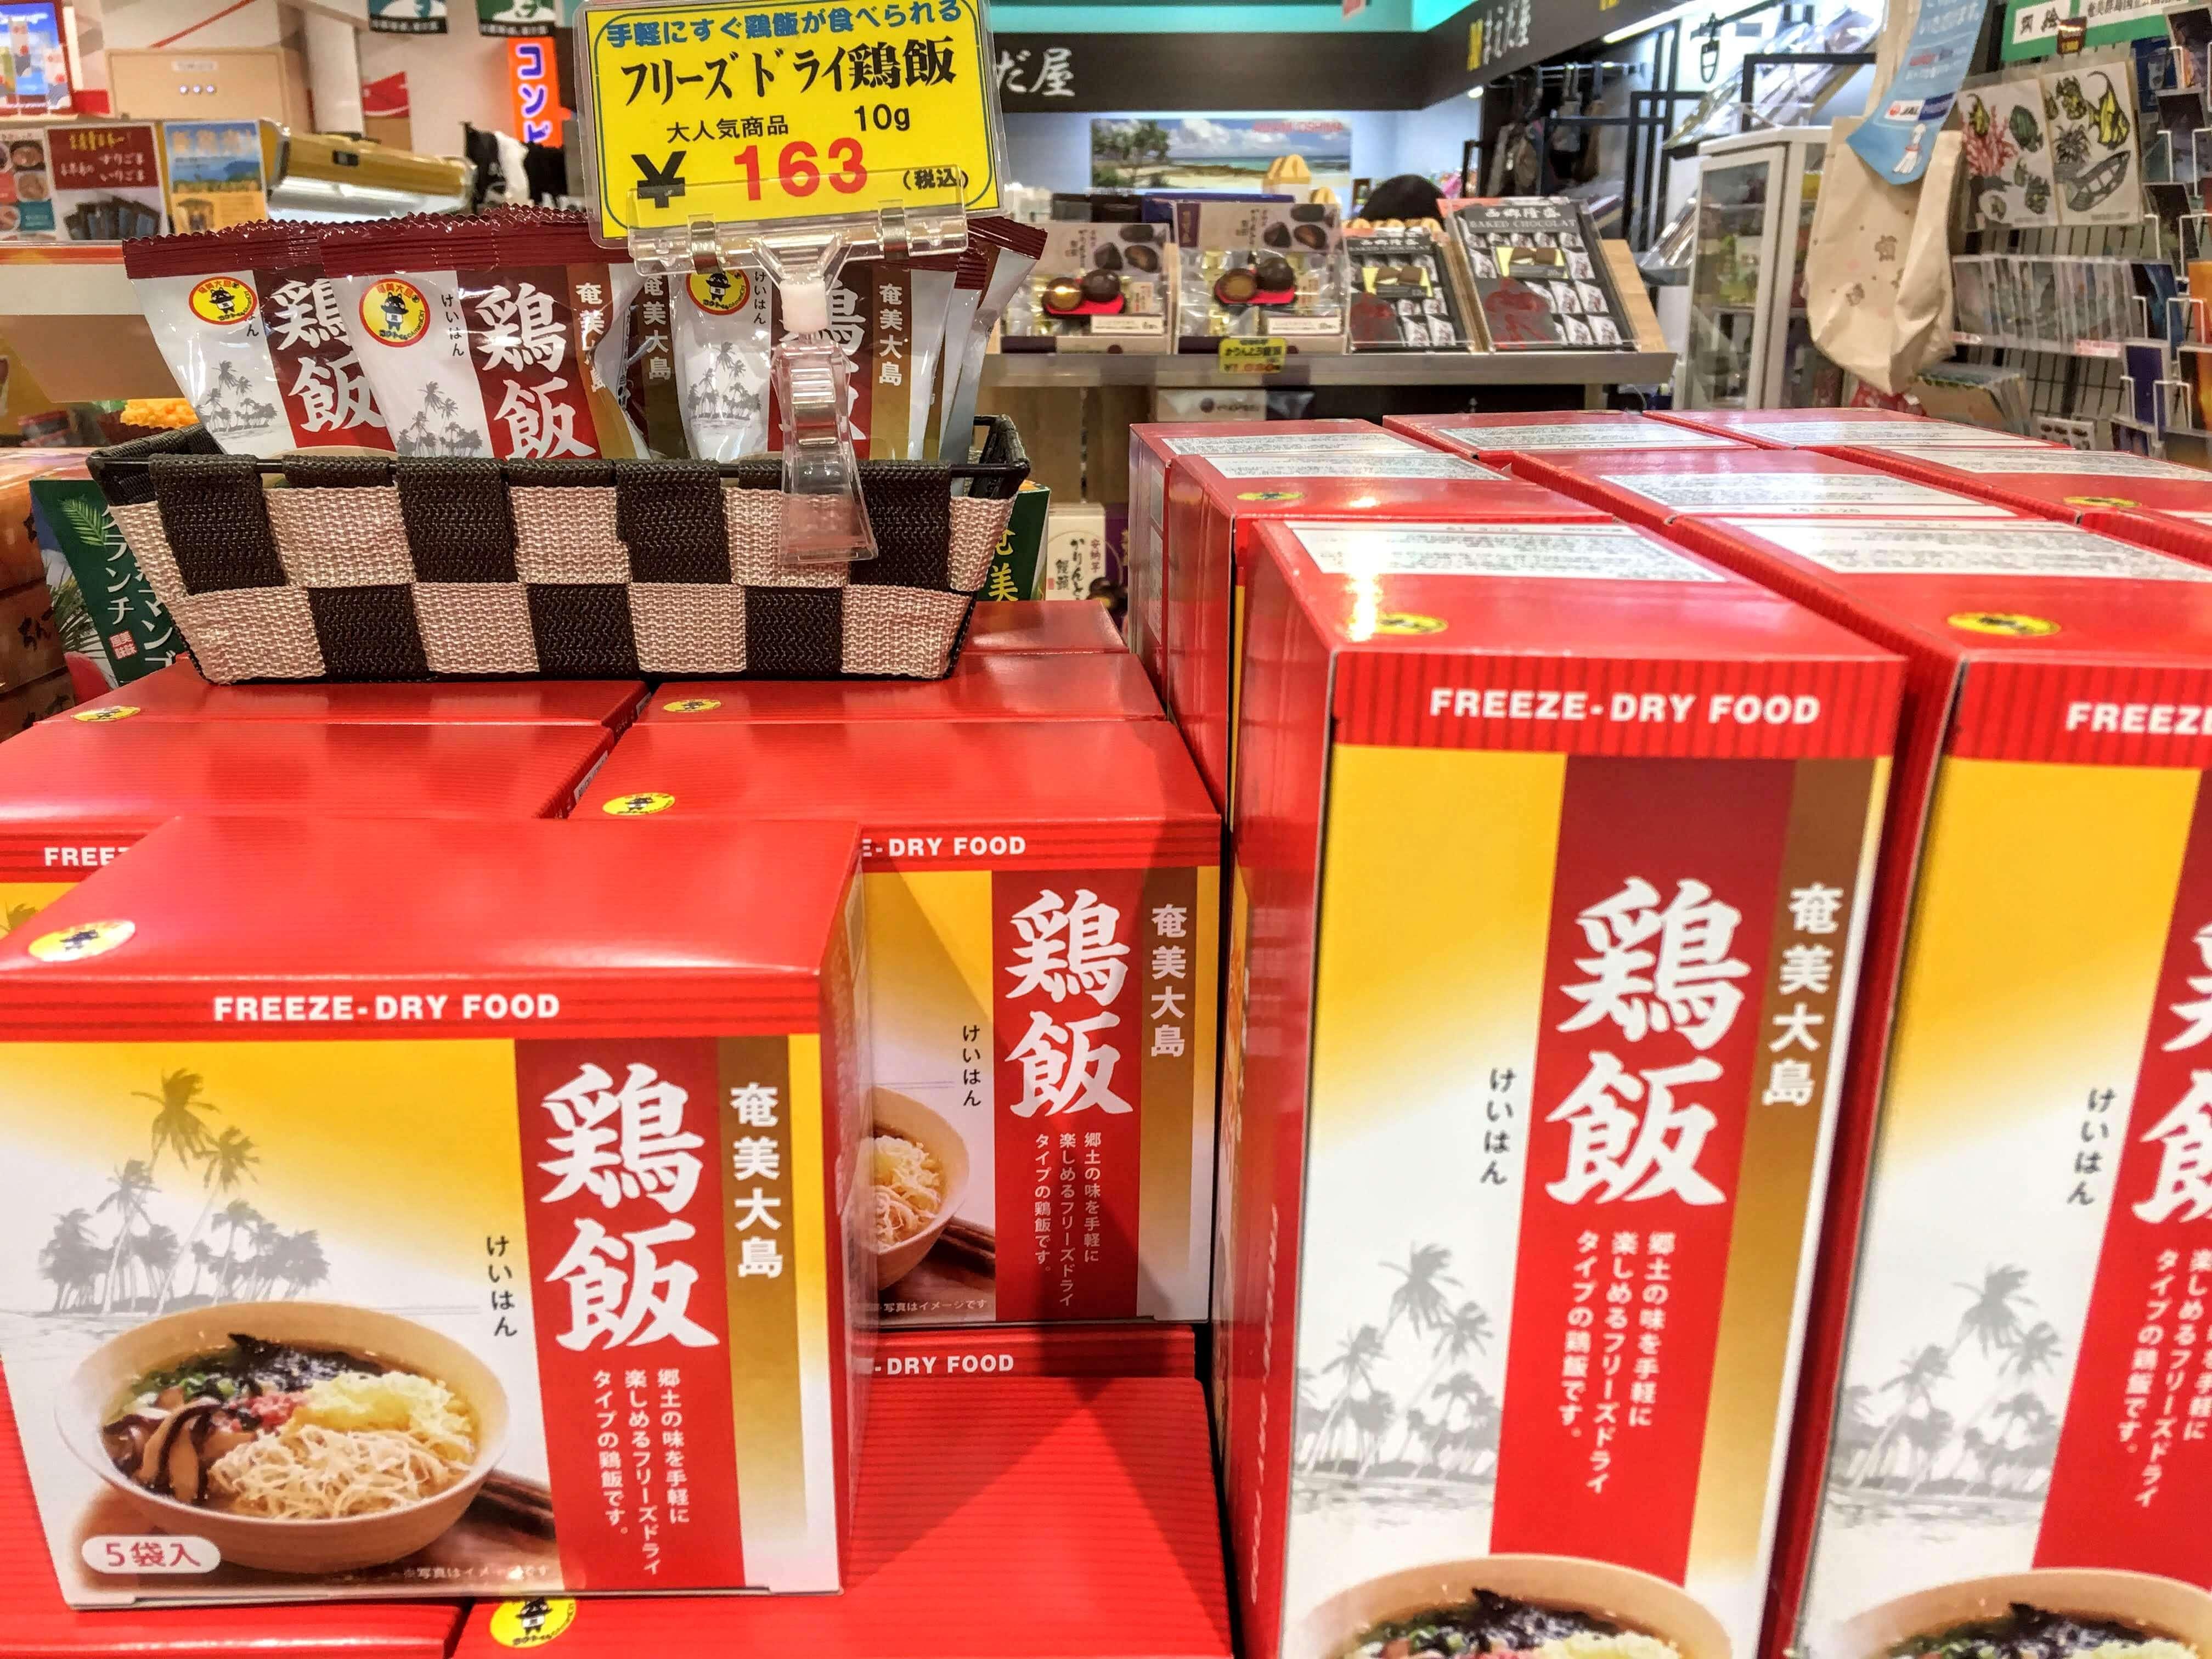 奄美大島の名物お土産、鶏飯(けいはん)フリーズドライ